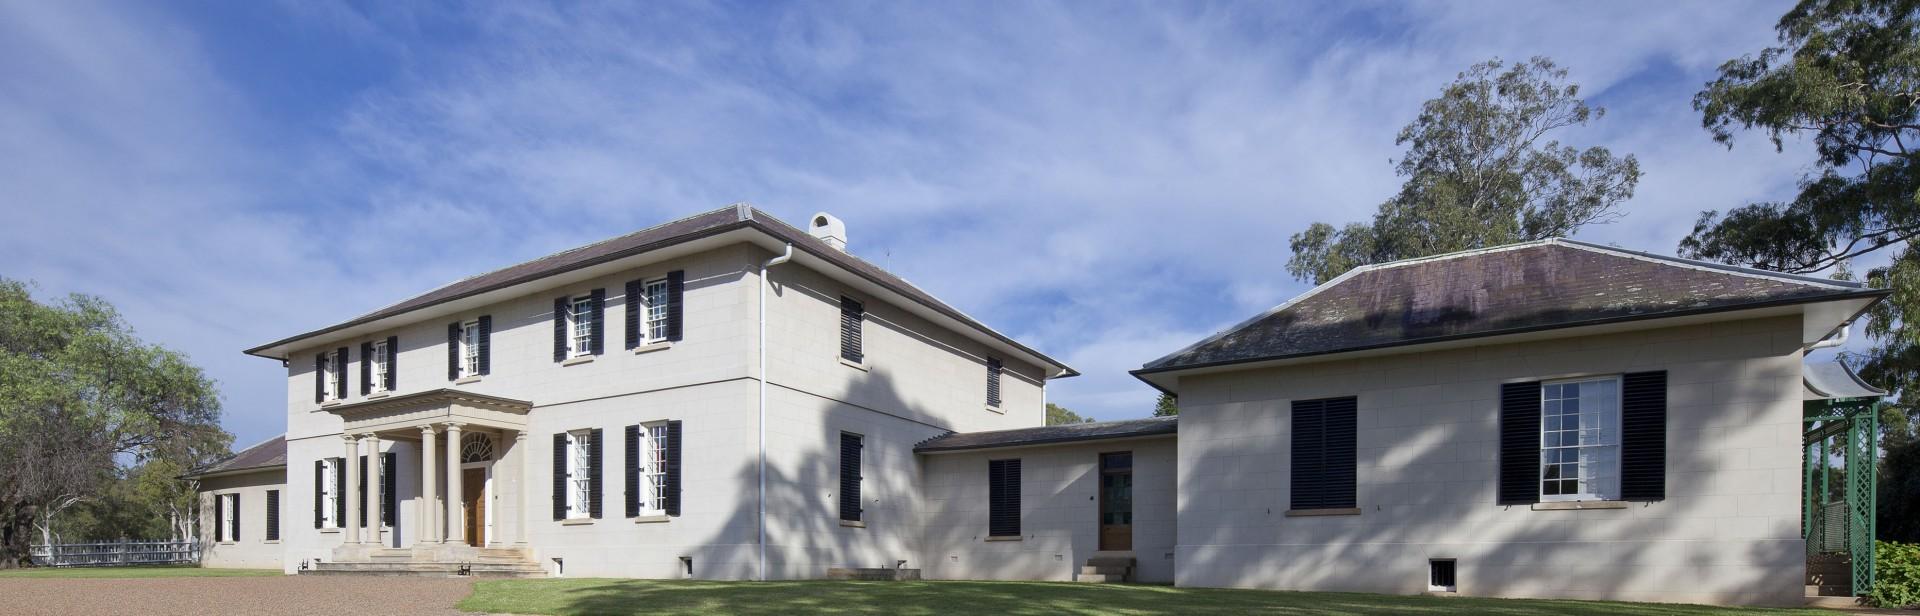 old gov house